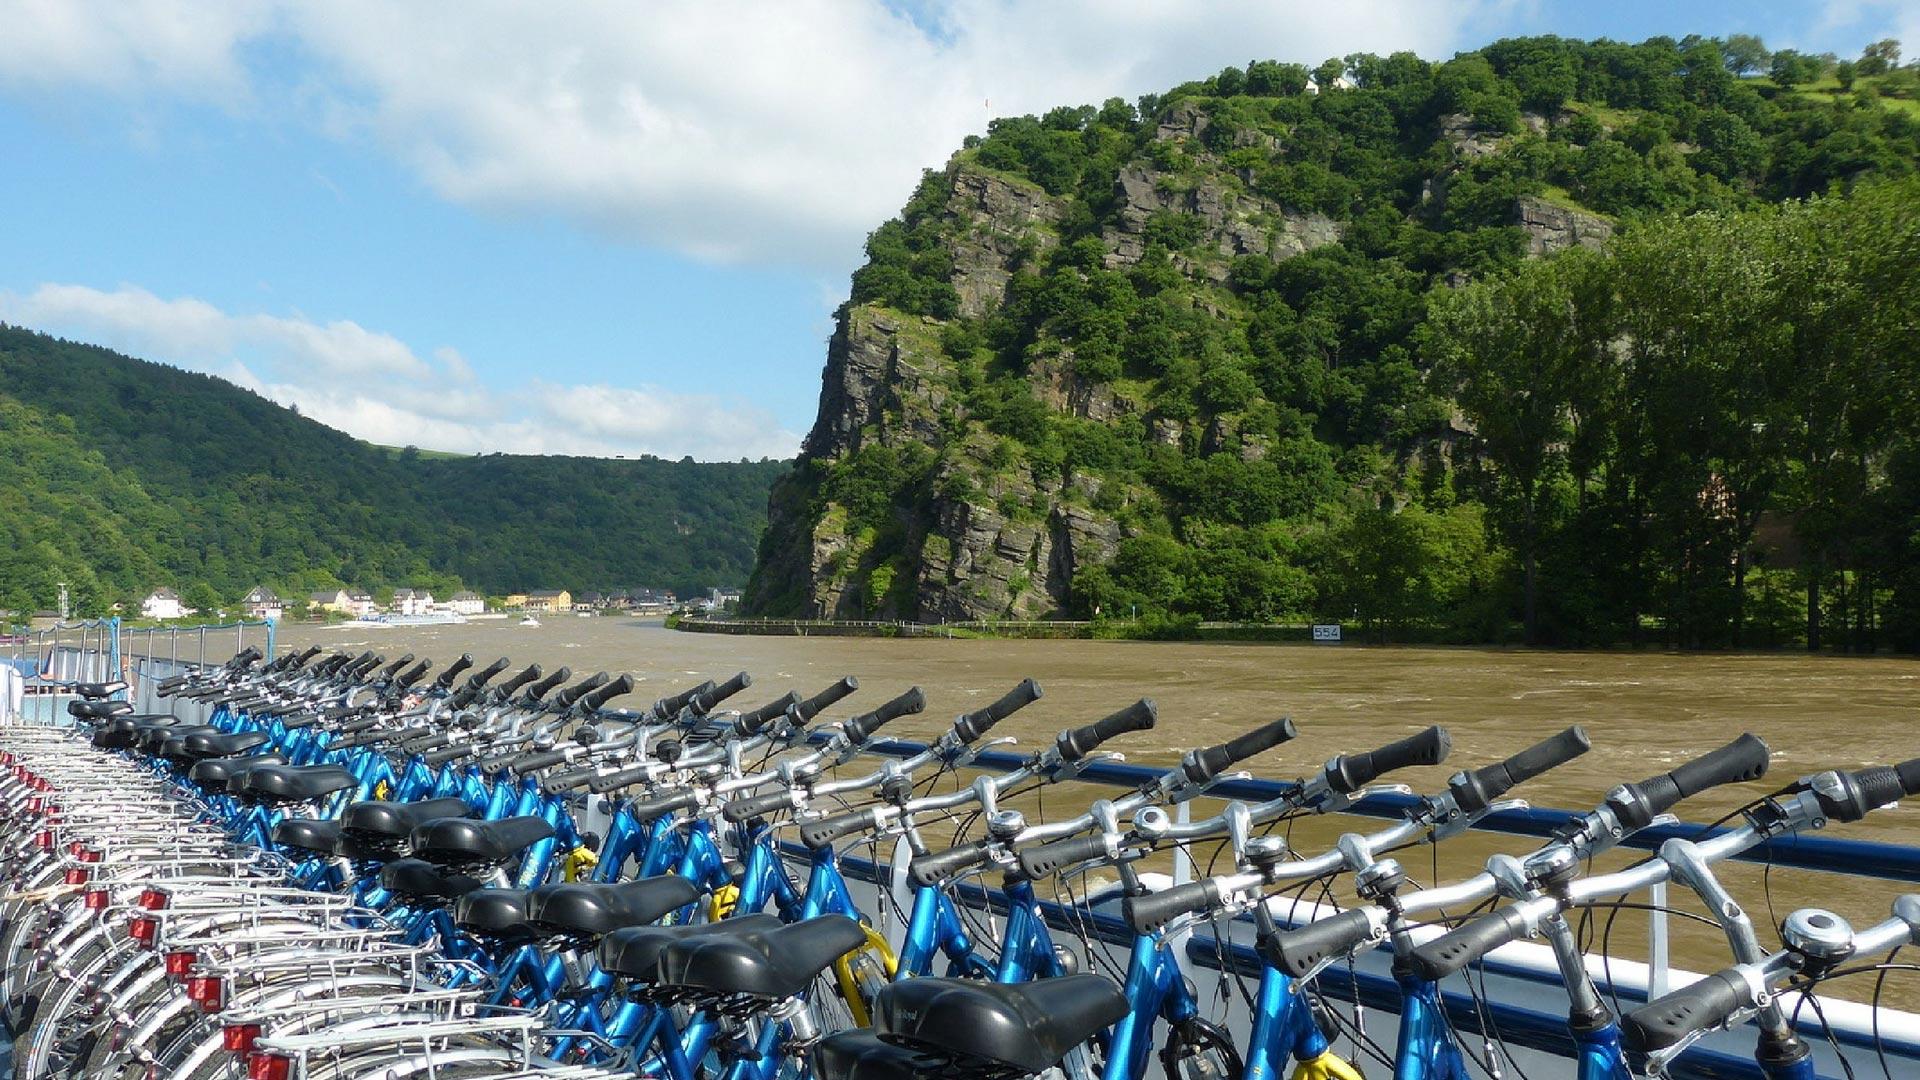 Fietsen op het dek tijdens de fiets-vaarvakantie op de Rijn met op de achtergrond de Loreley. © SE-Tours